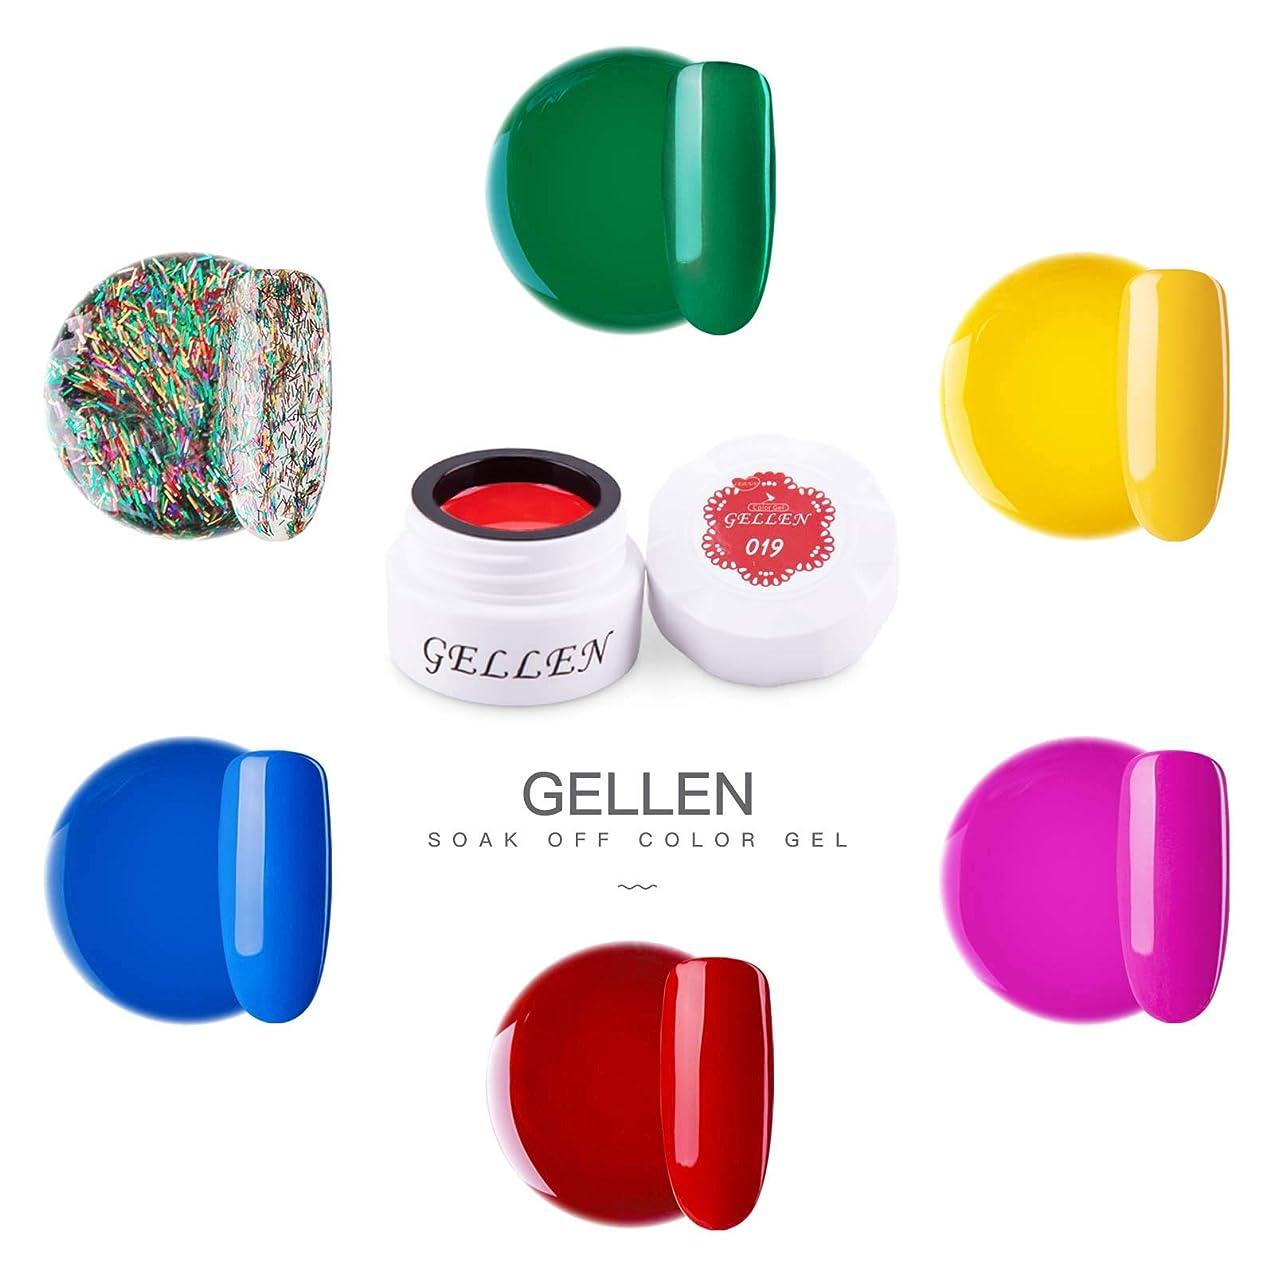 滞在結び目機械的Gellen カラージェル 6色 セット[ネオン カラー系]高品質 5g ジェルネイル カラー ネイルブラシ付き